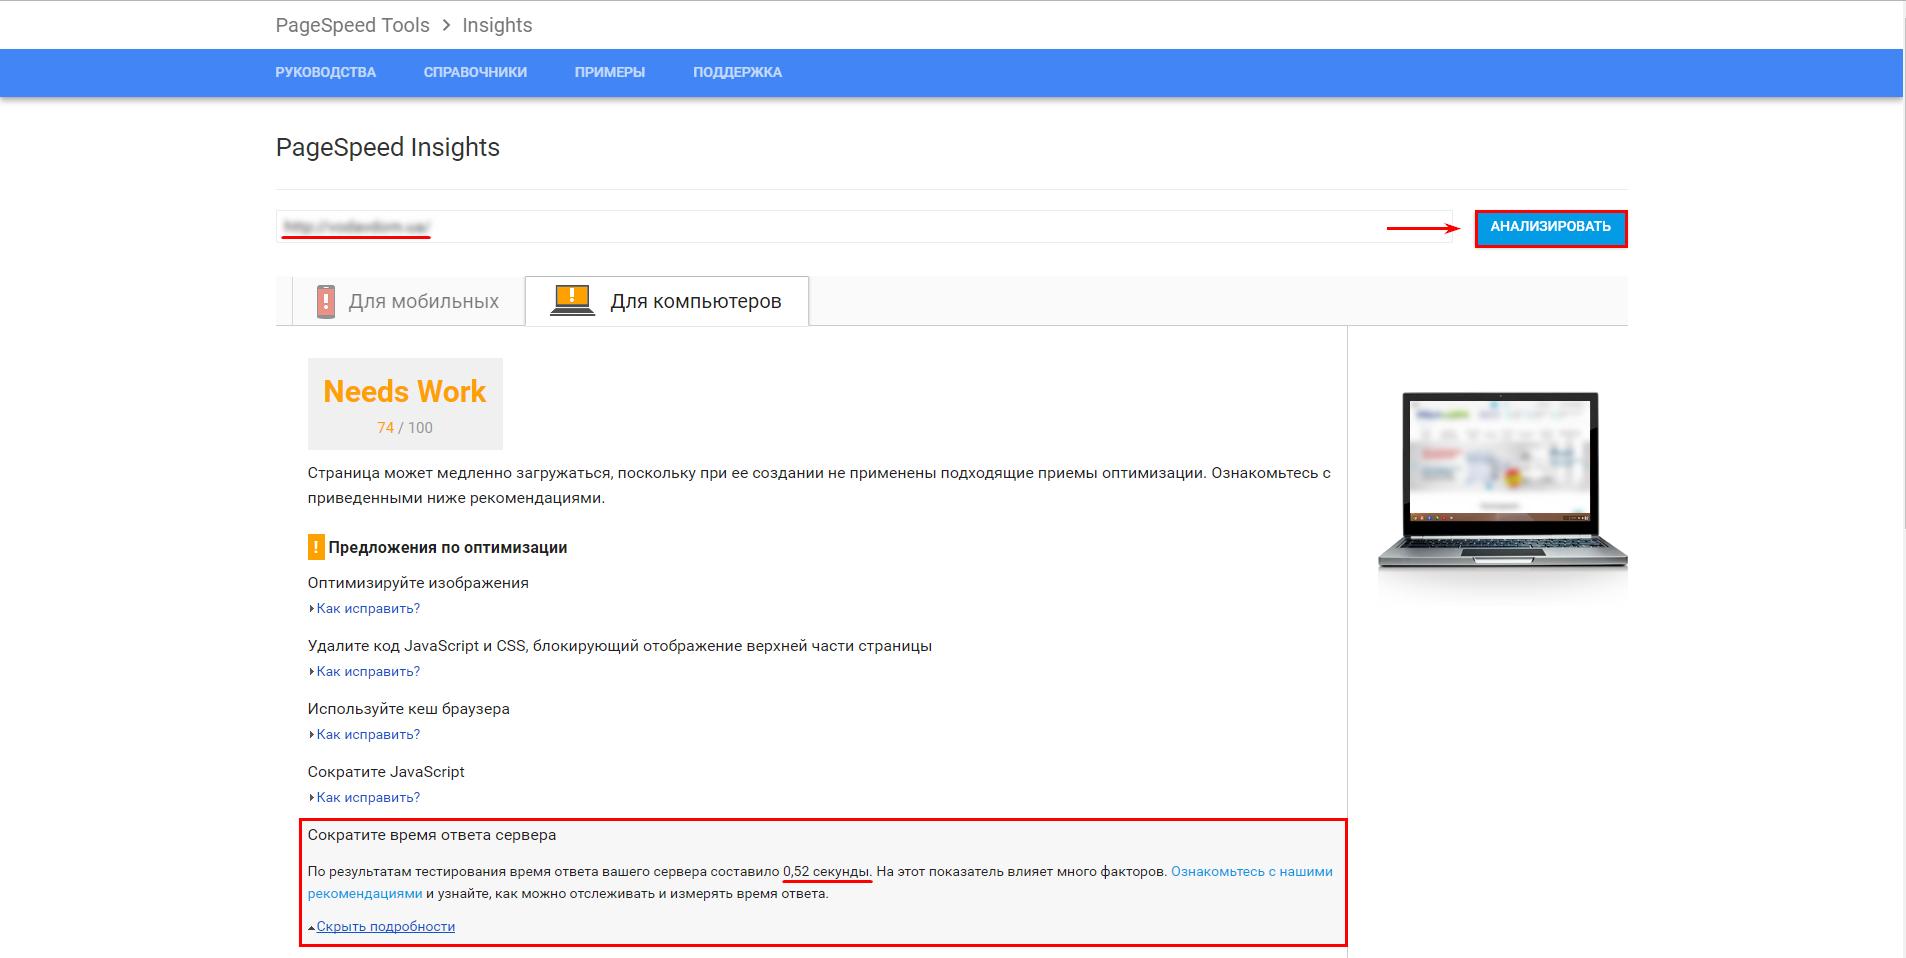 Также можно использовать инструмент PageSpeed Insights